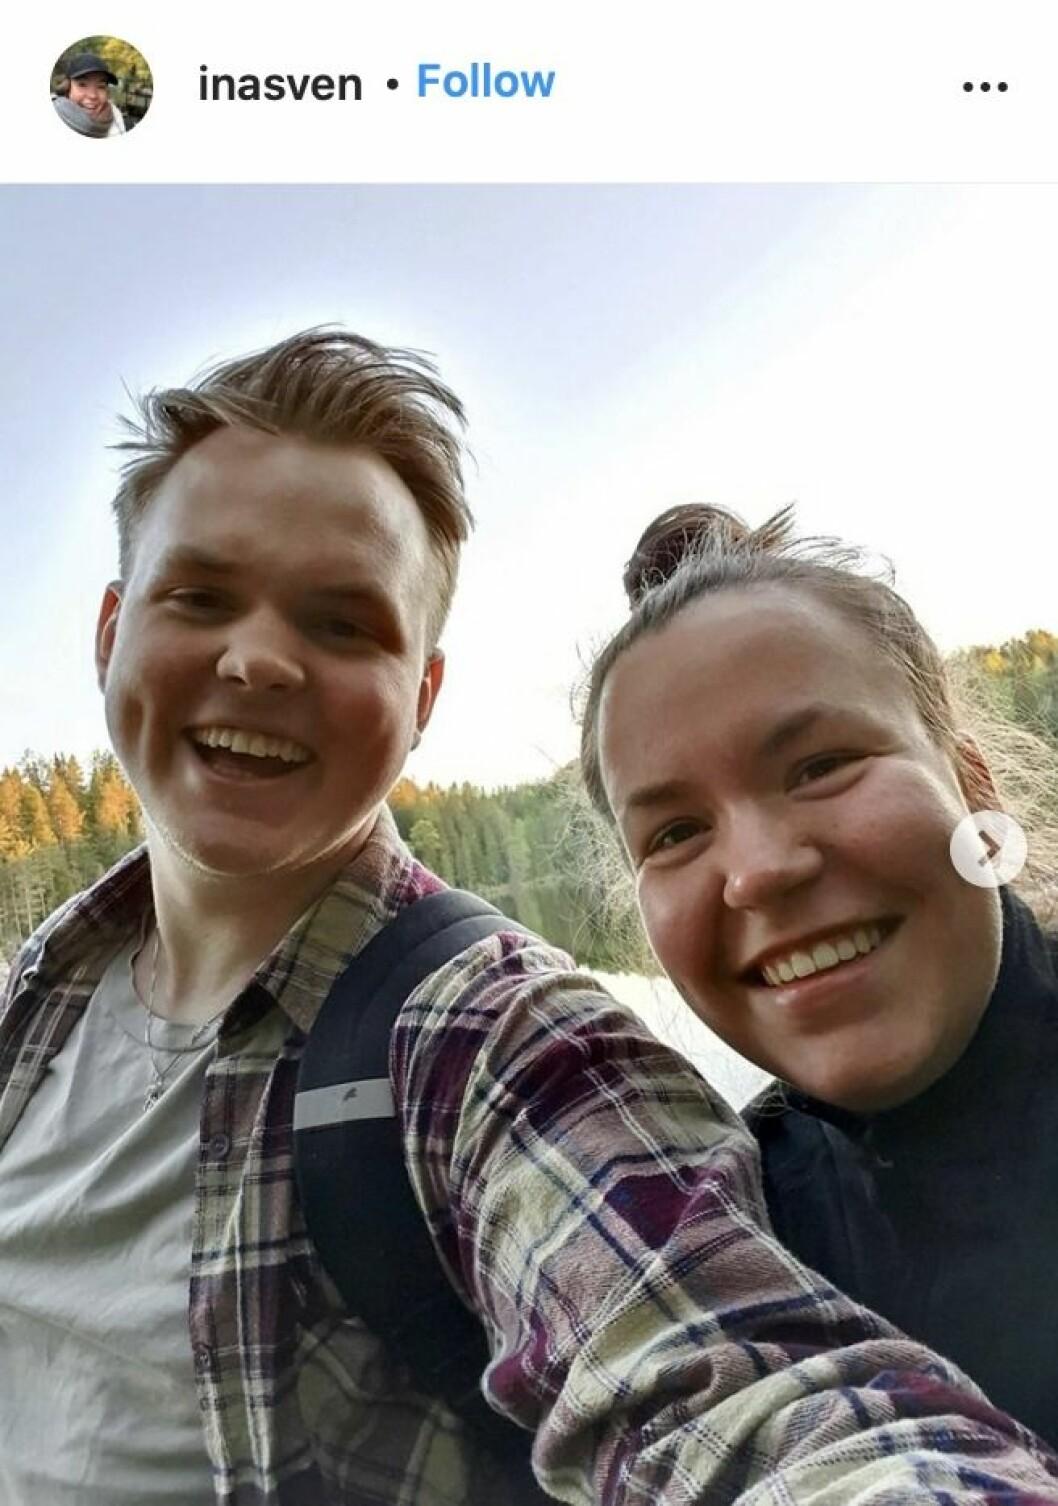 Ina Svenningdal från skam med sin pojkvän